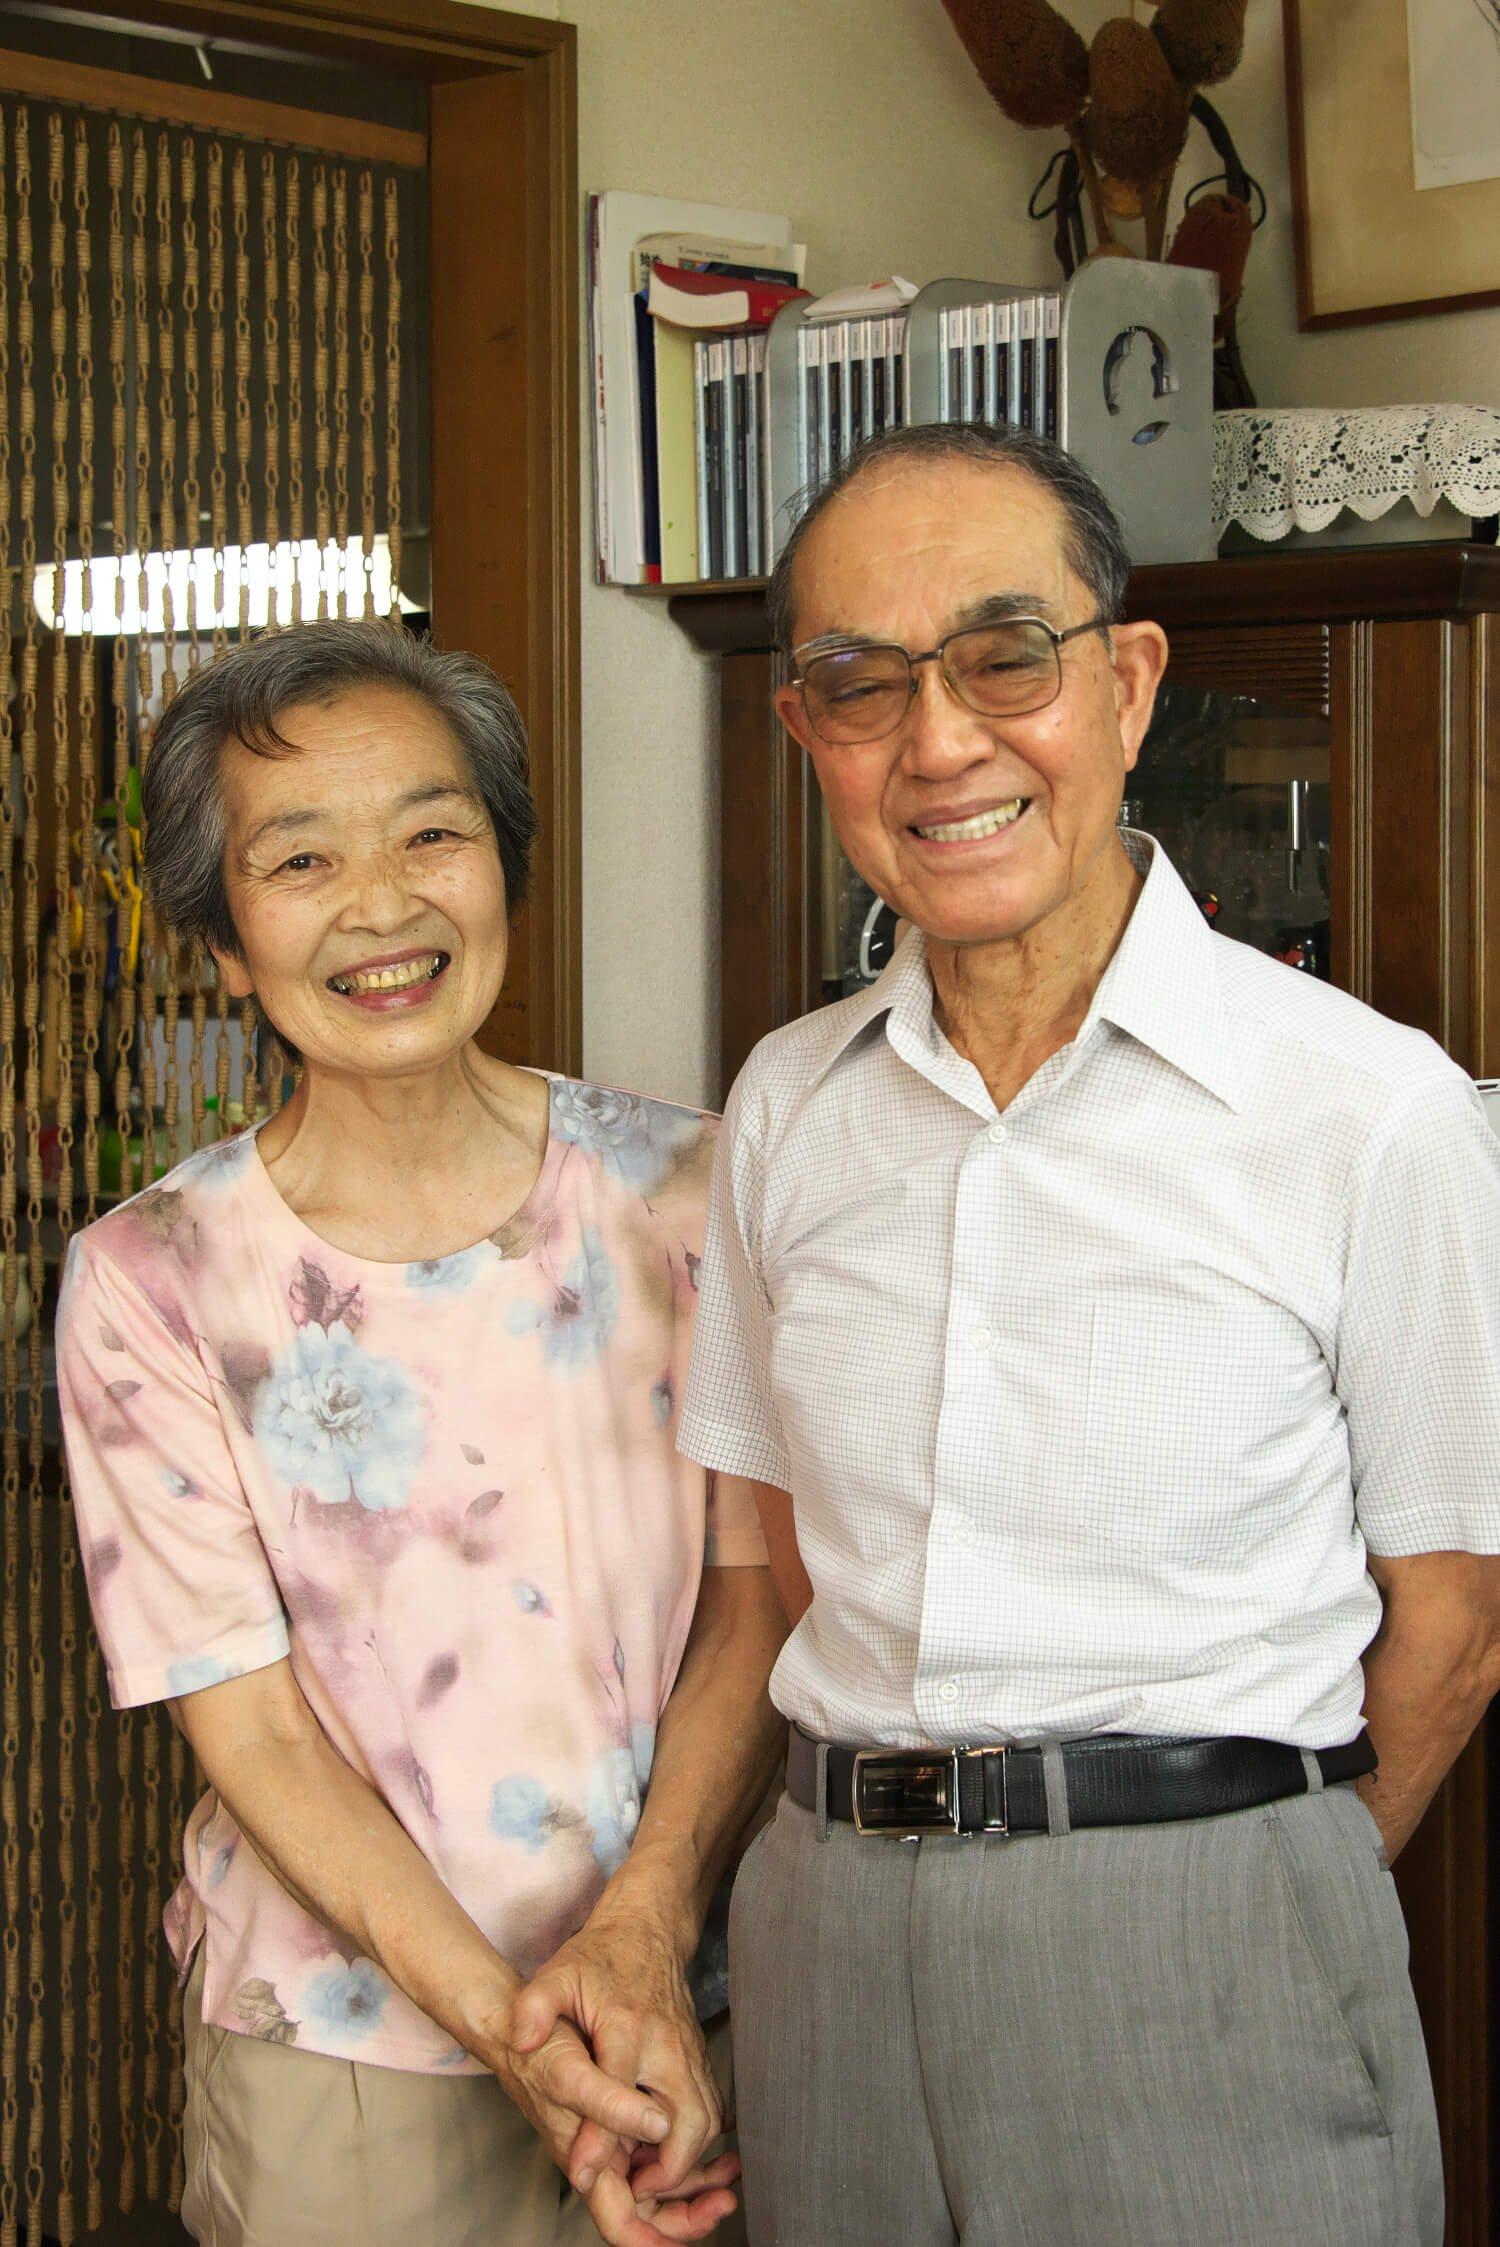 奥様と笑顔の野崎さん。スターター一筋で研究に励み、競技用スターター装置など特許も取得。明星大学名誉教授で東京オリンピックコレクターだ。